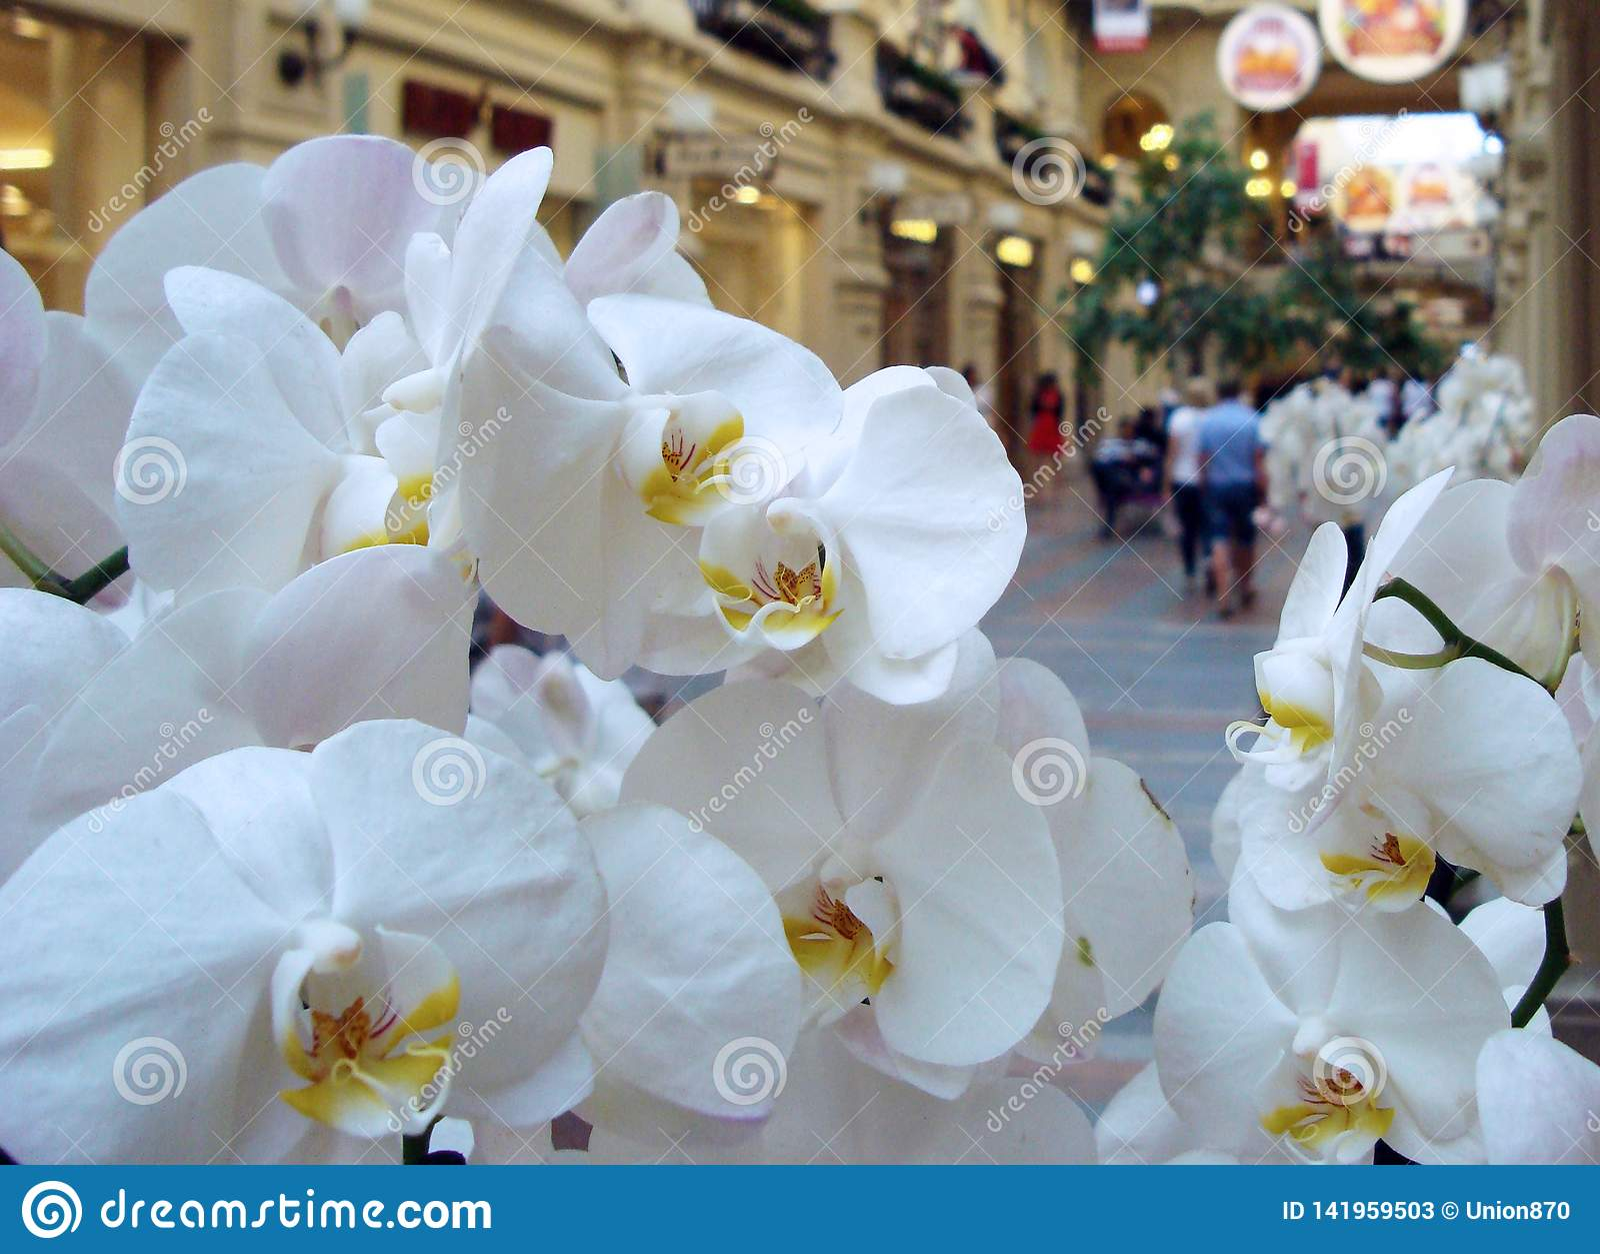 Weiße Orchideenblumen auf dem Hintergrund eines großen Einkaufszentrums